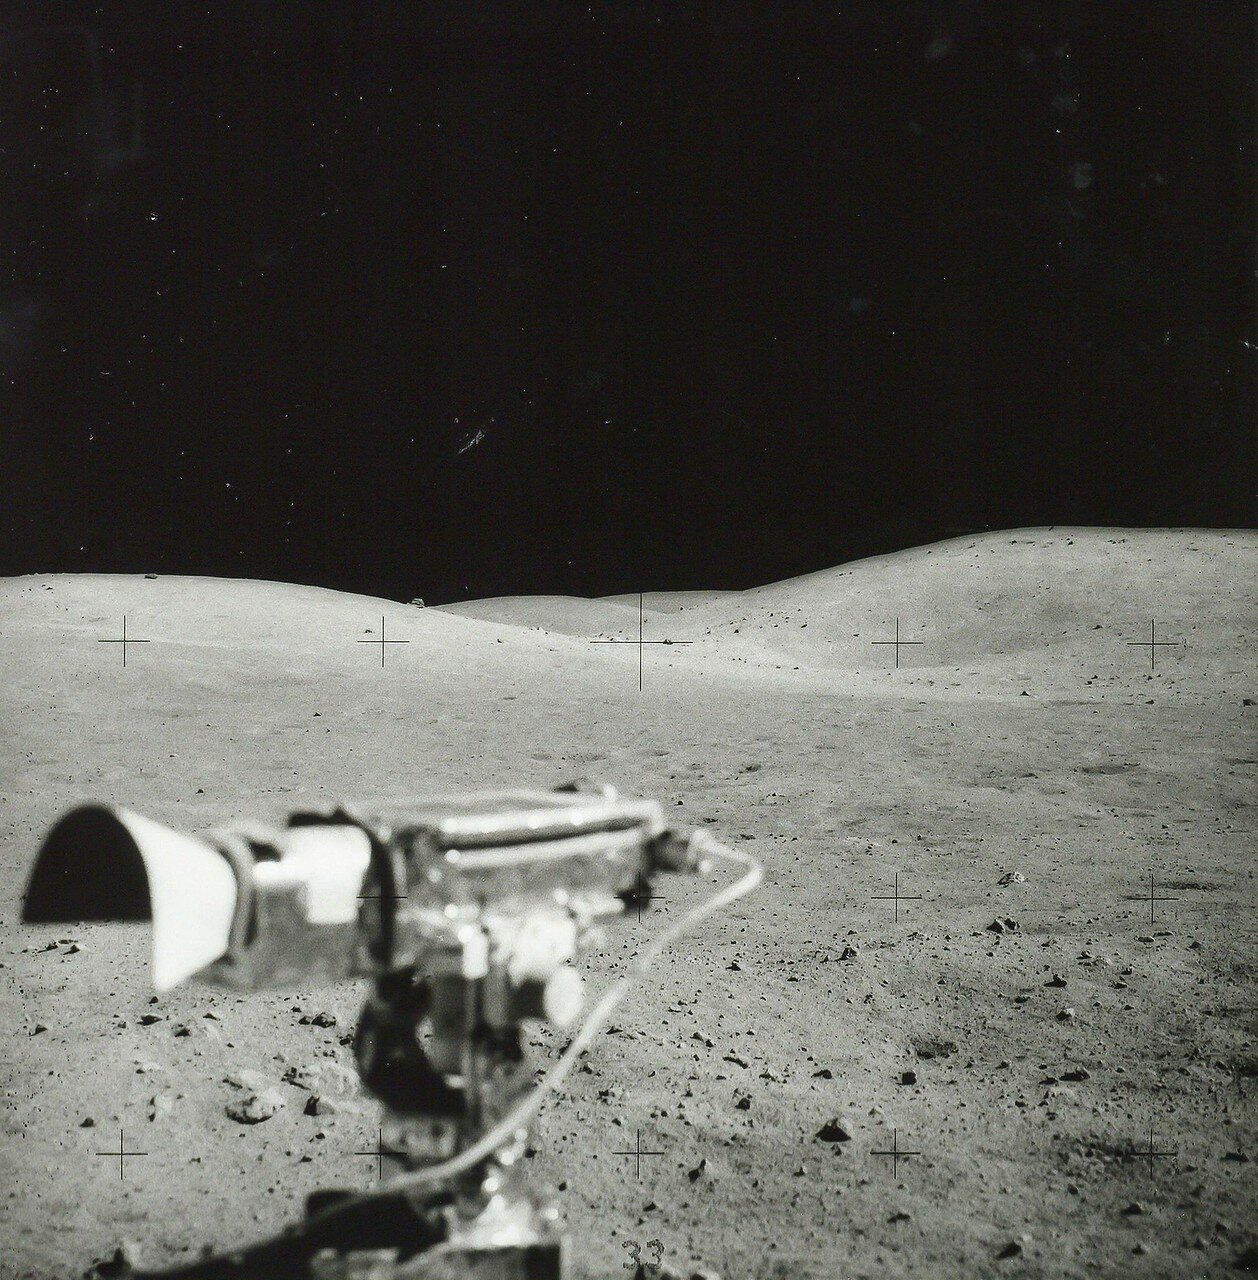 Уже на подъезде к намеченному месту луномобиль на подъёме заметно замедлился. Оказалось, что не работает двигатель одного из задних колёс, амперметр показывал «0». На снимке: Лунные пейзажи  из «Ровера» во время поездки к кратеру Южный Луч